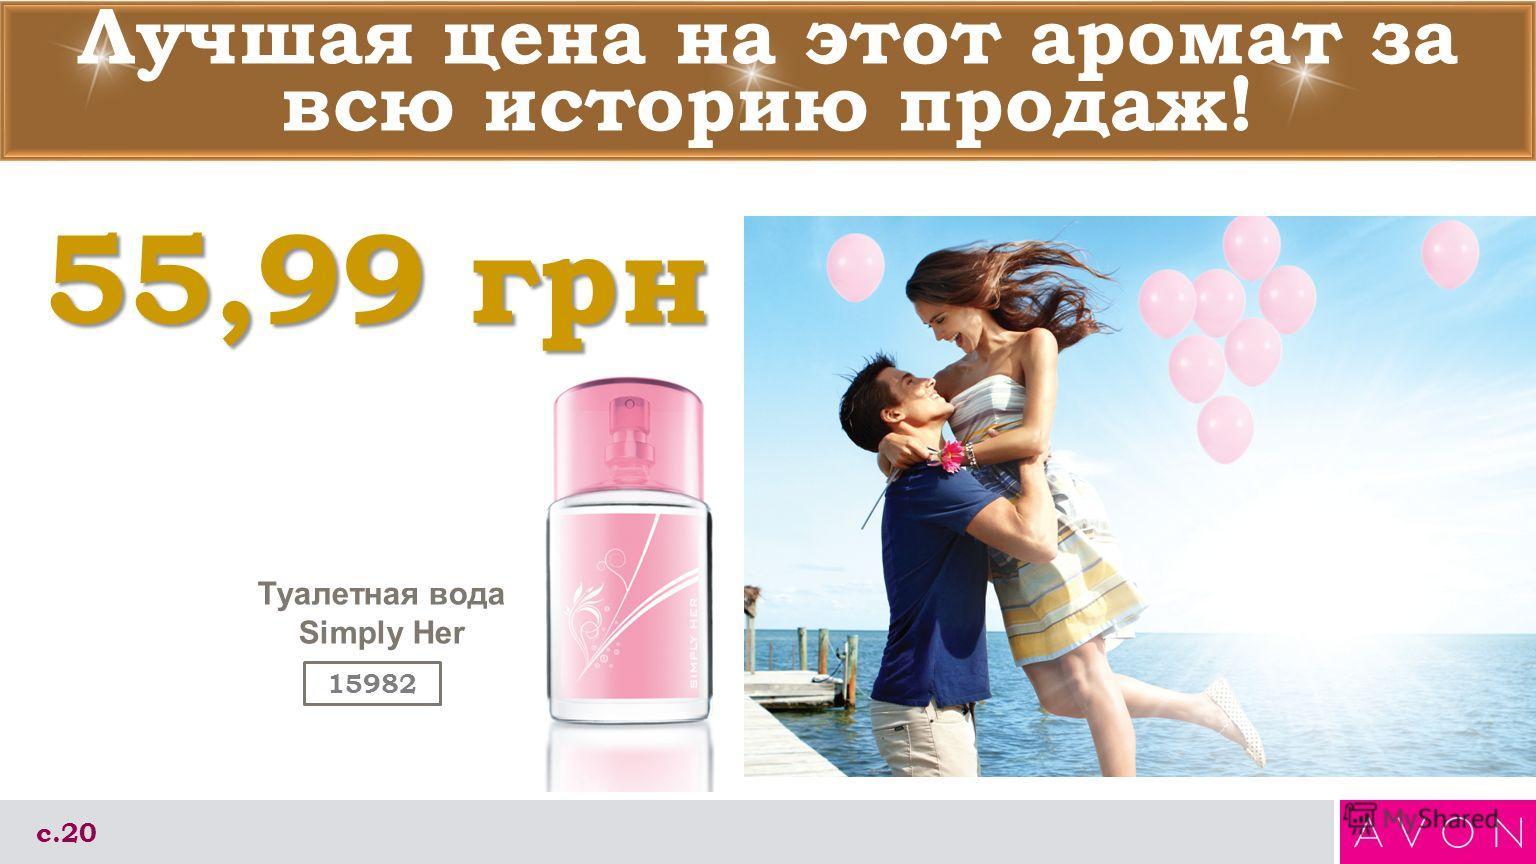 Лучшая цена на этот аромат за всю историю продаж! с.20 Туалетная вода Simply Her 55,99грн 55,99 грн 15982